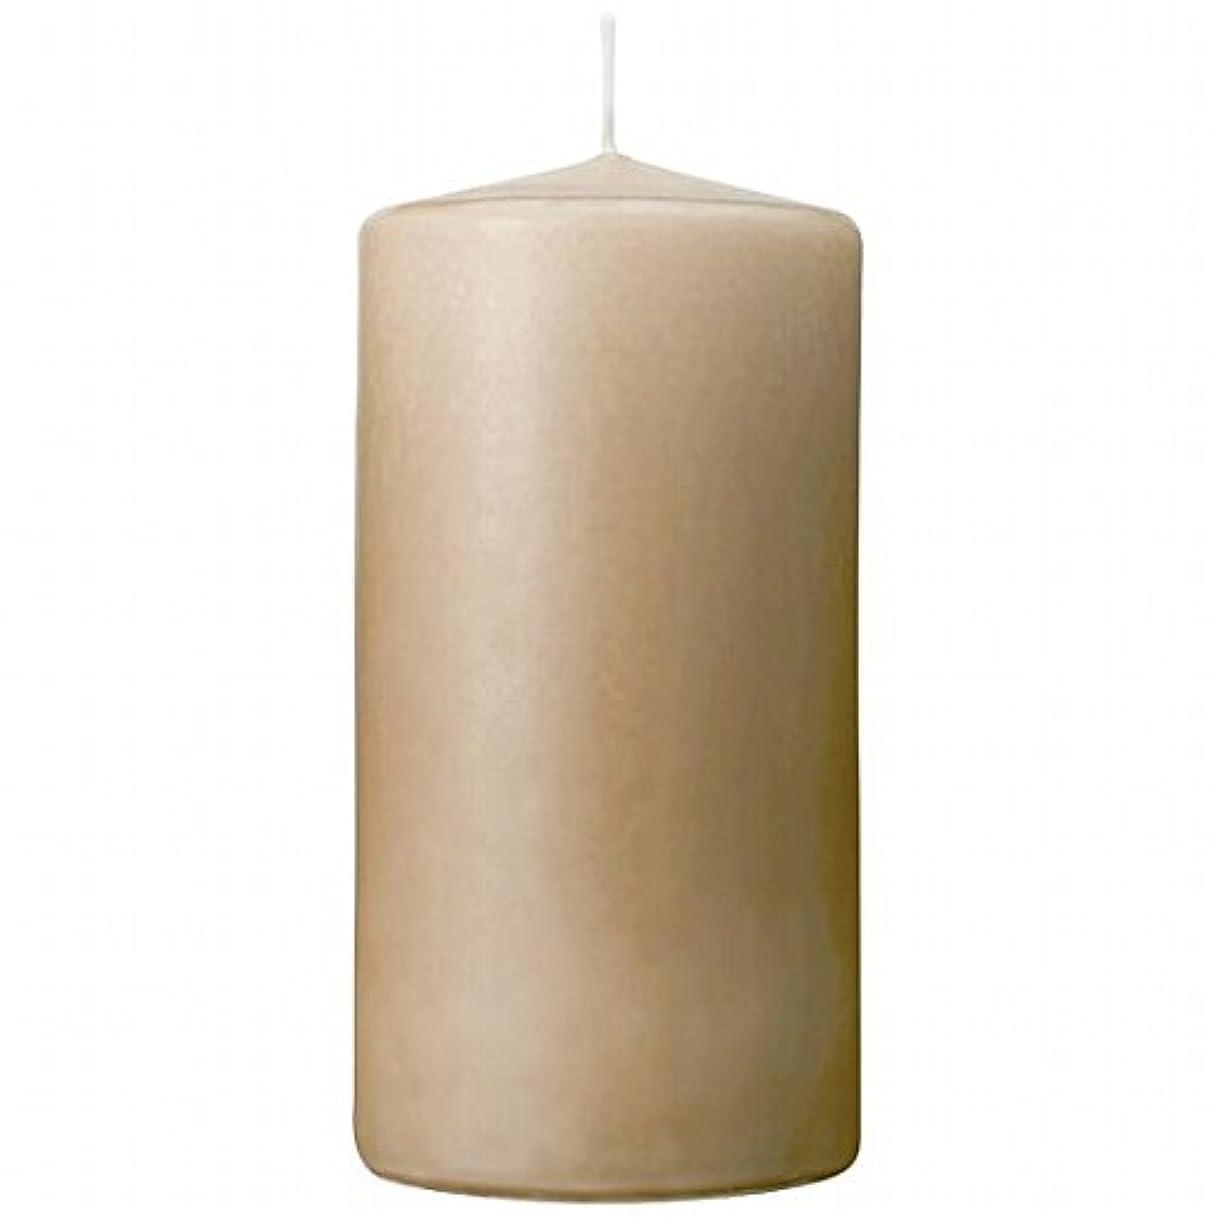 バラエティ構造ランドマークカメヤマキャンドル(kameyama candle) 3×6ベルトップピラーキャンドル 「 ベージュ 」